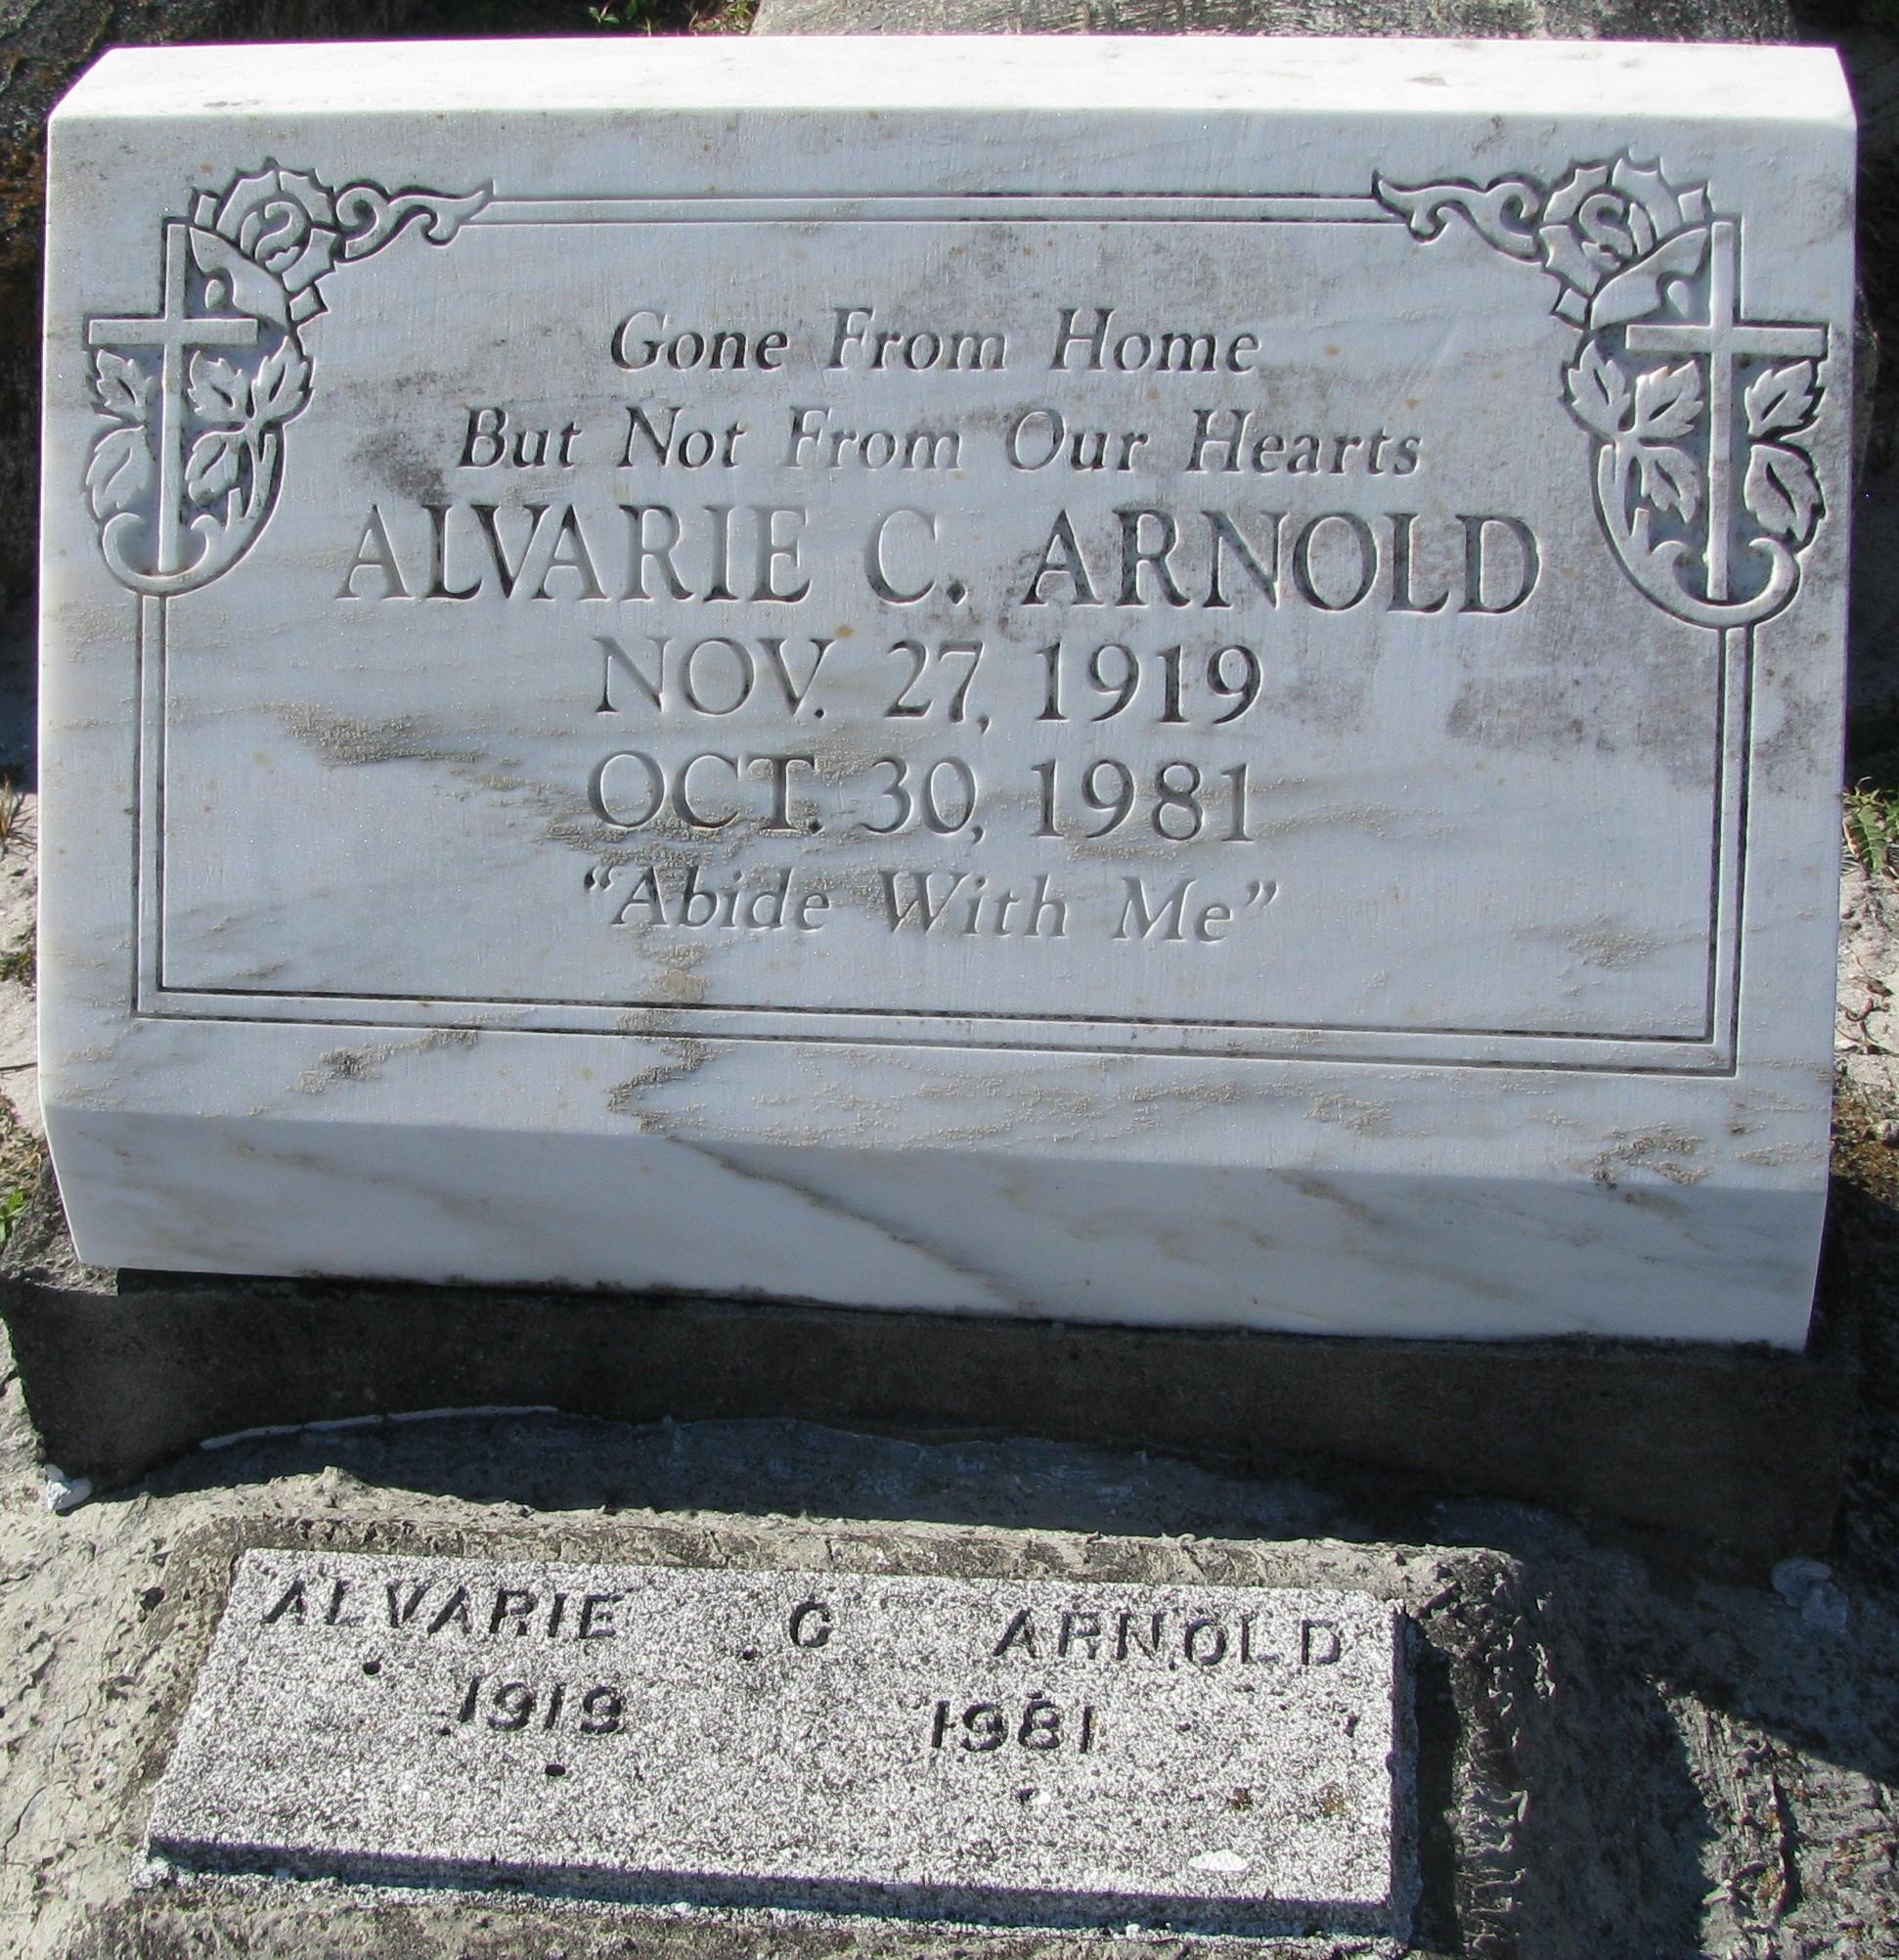 Alvarie C Arnold